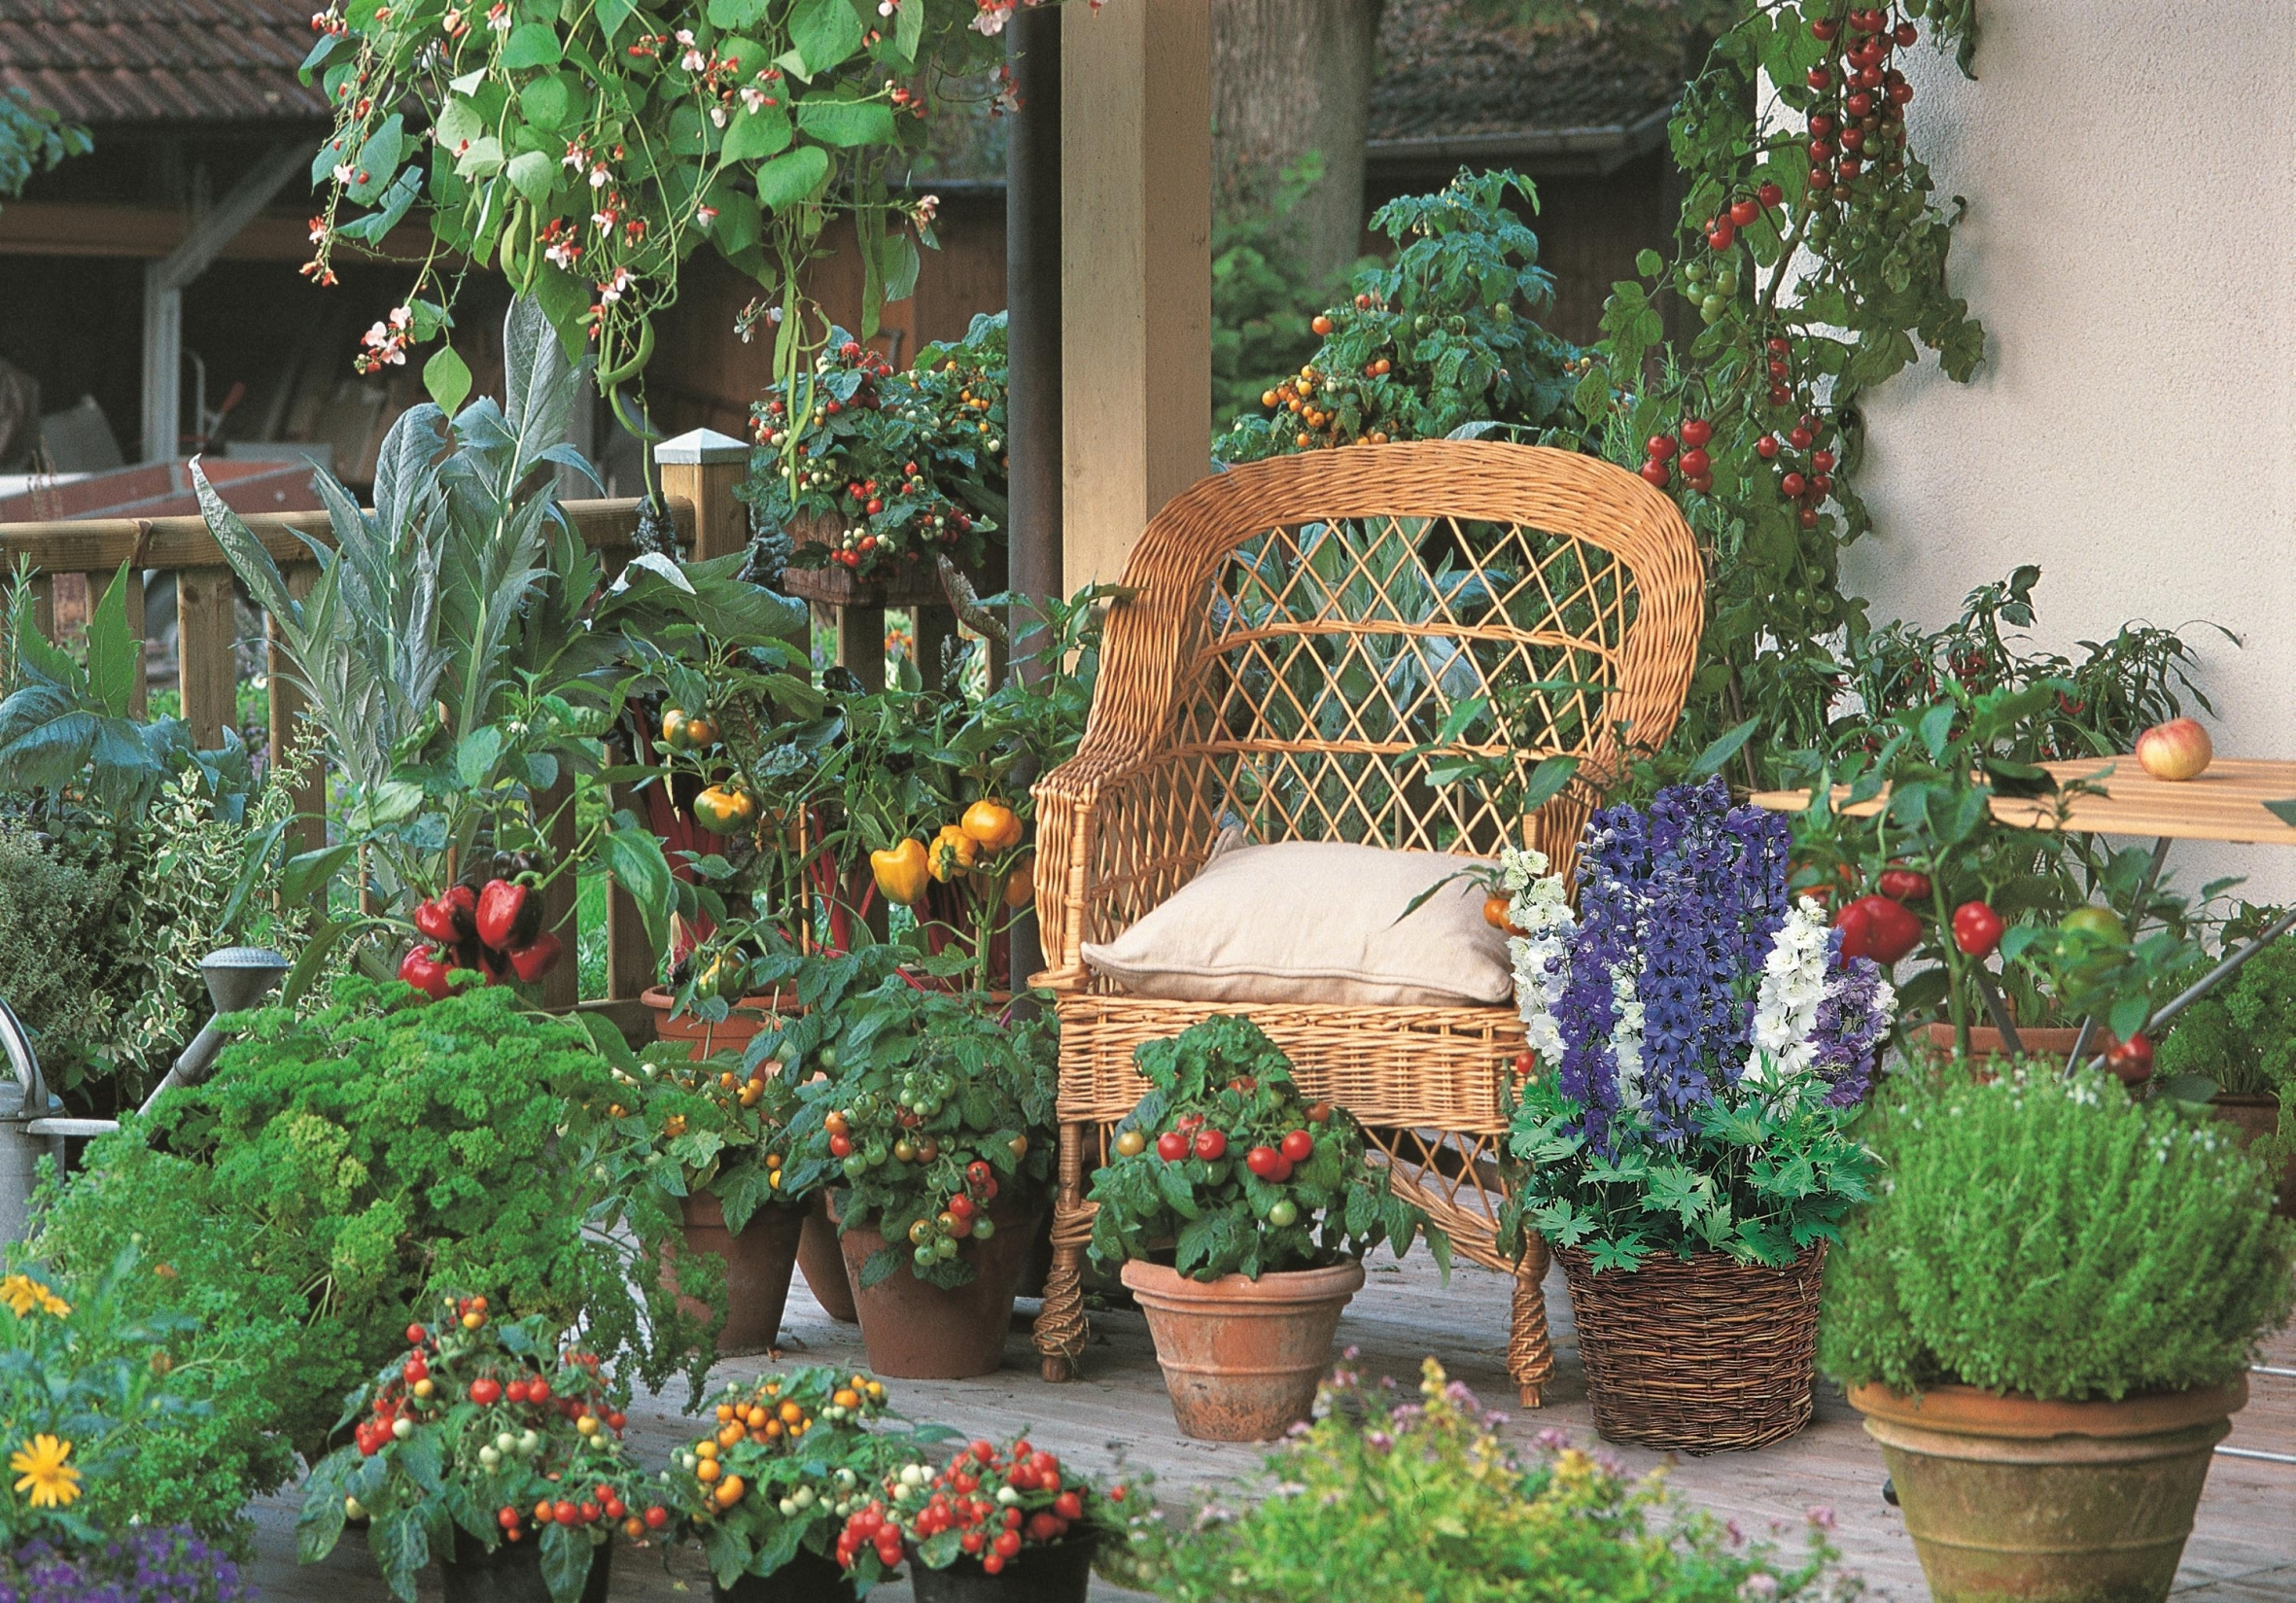 das grüne medienhaus» beet- & balkonpflanzen gemüse, obst, Gartengerate ideen